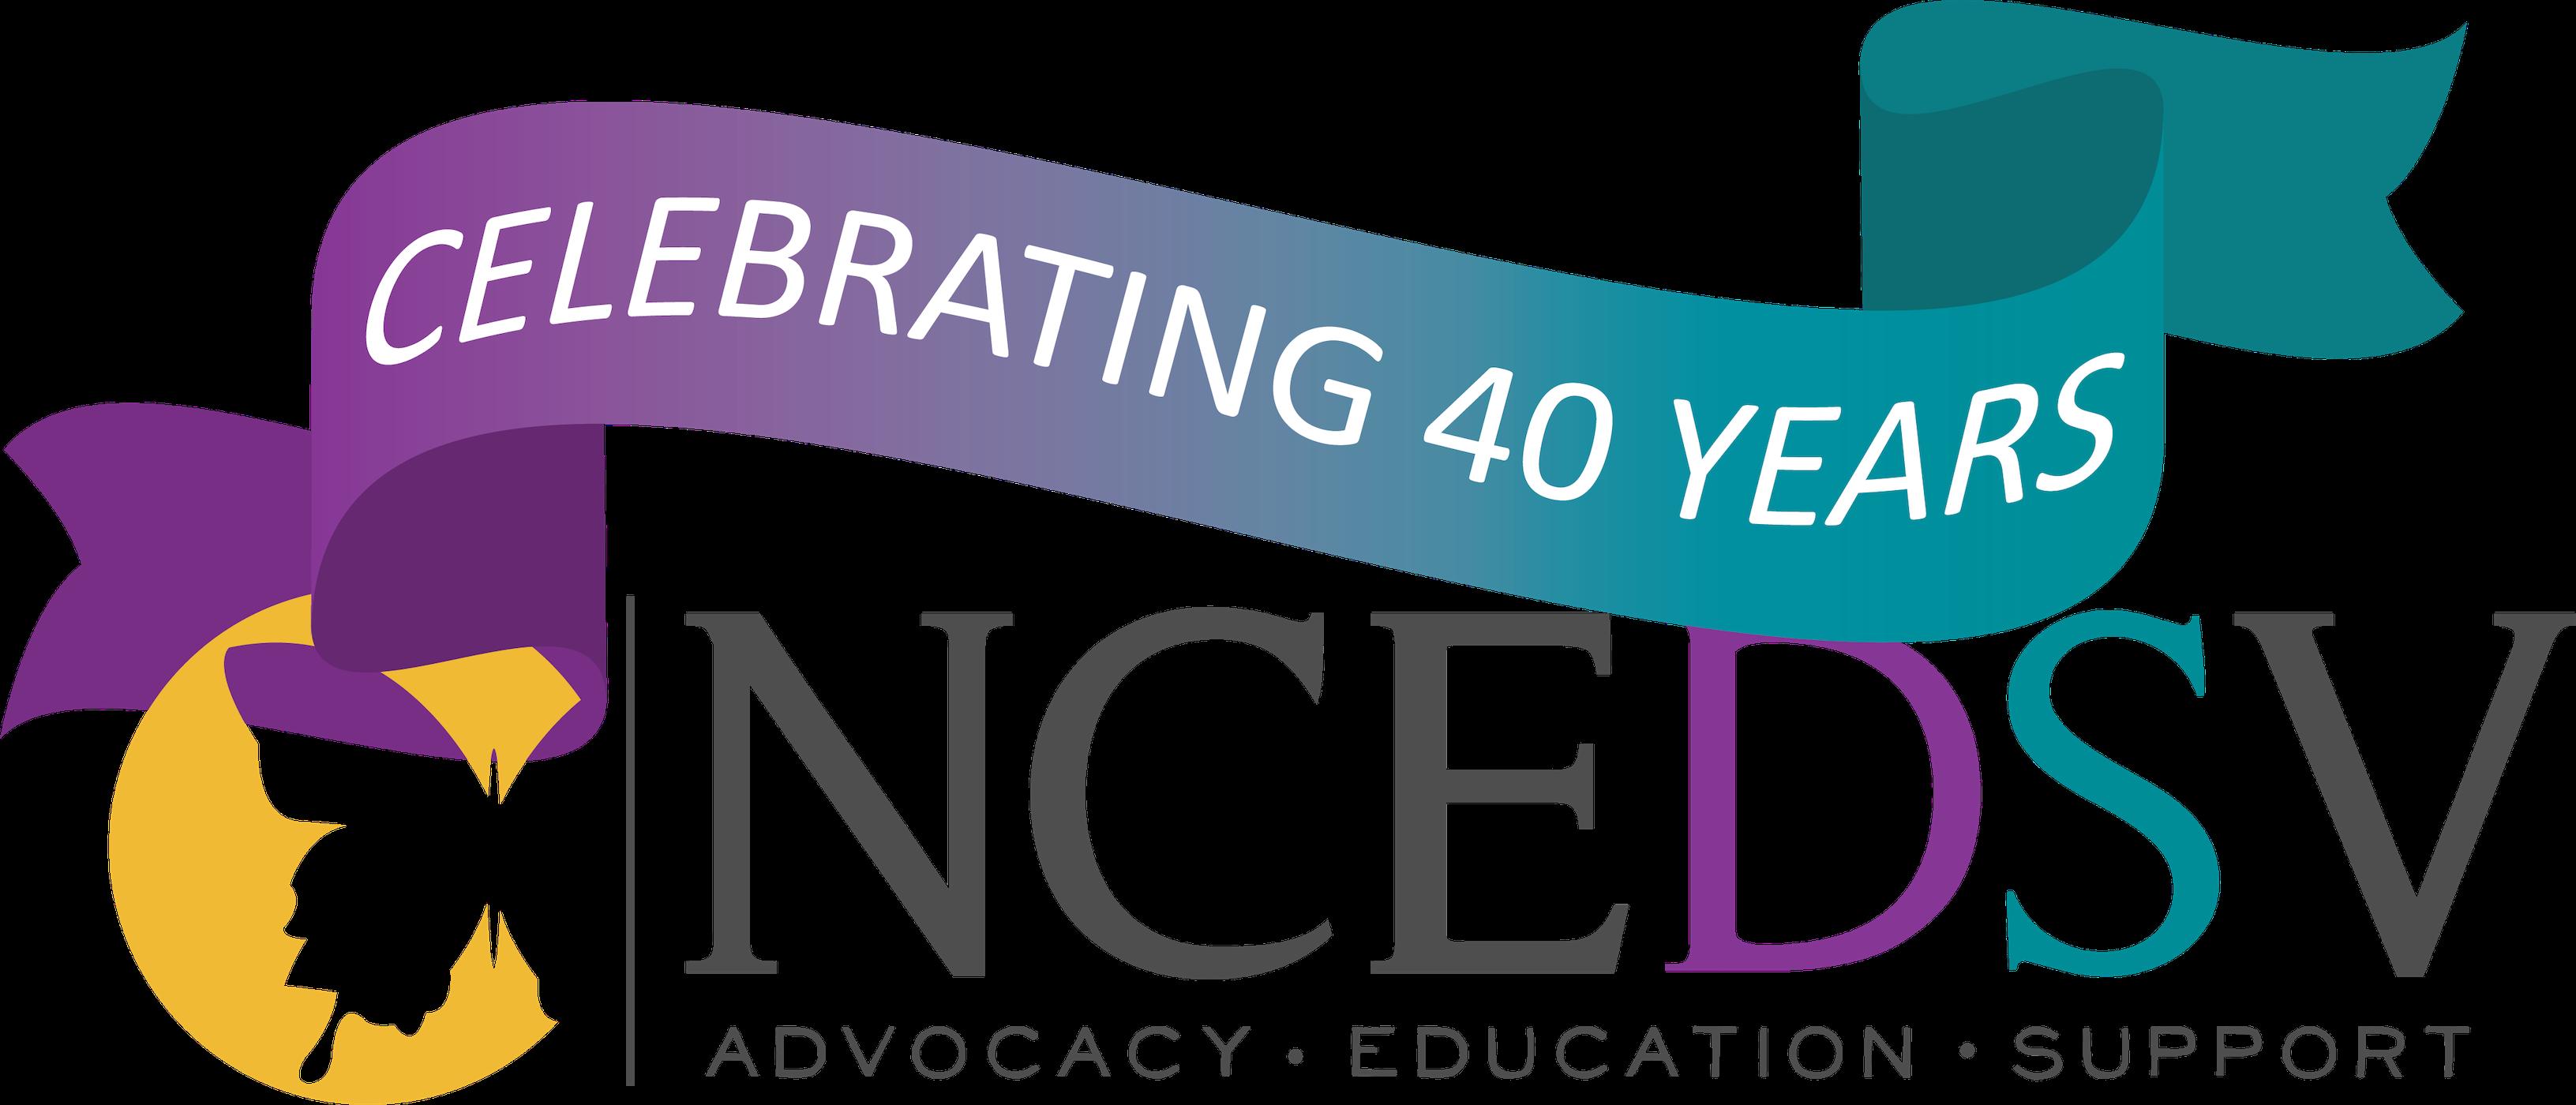 NCEDSV 40th Transparent Logo